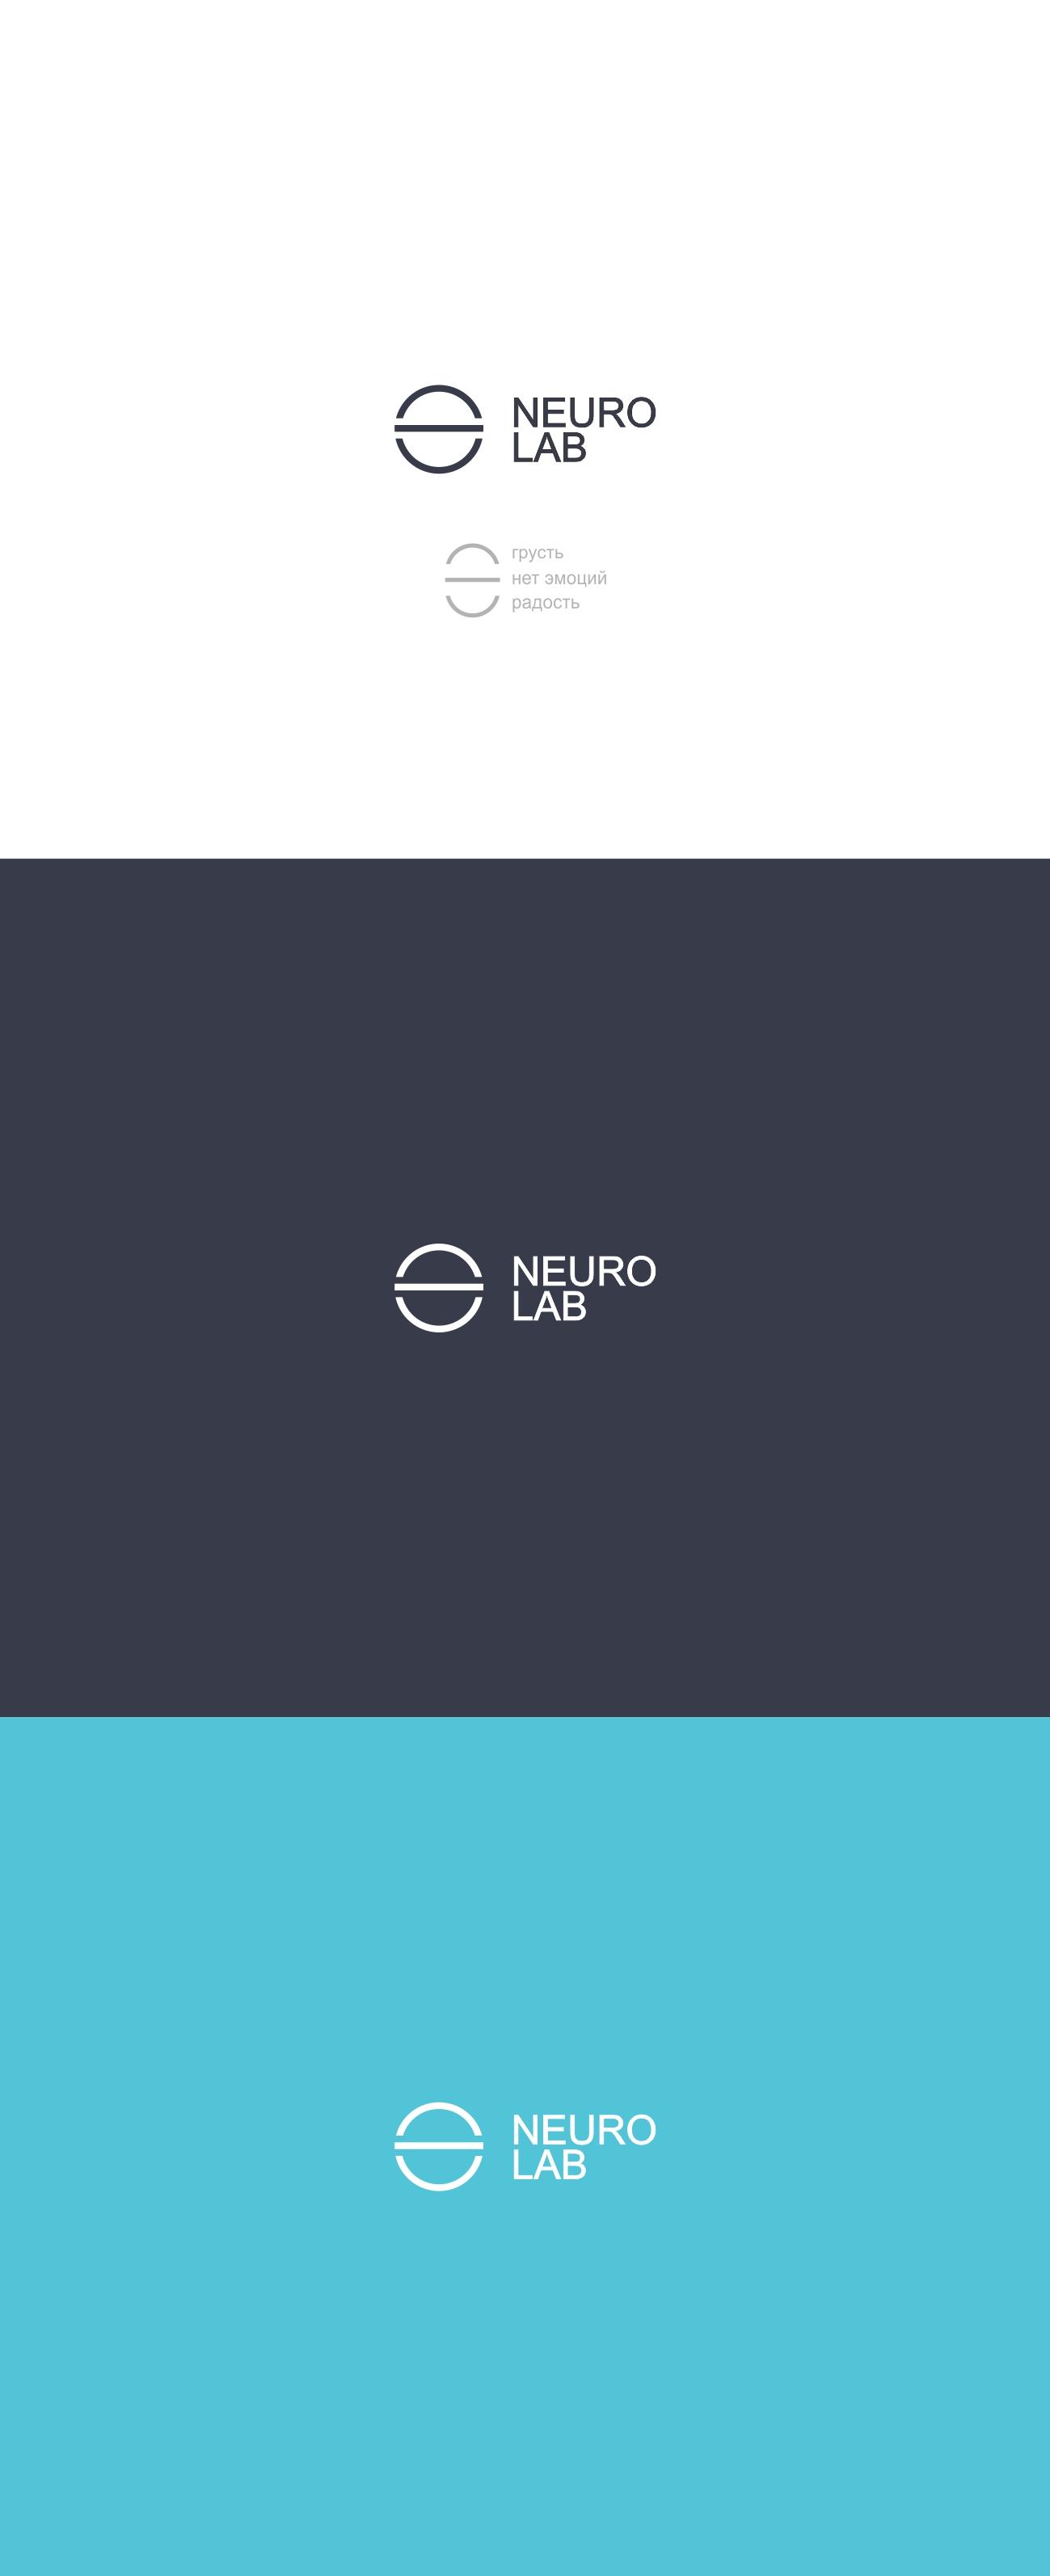 Логотип для лаборатории исследования эмоционального отклика  фото f_566600818e54b955.jpg